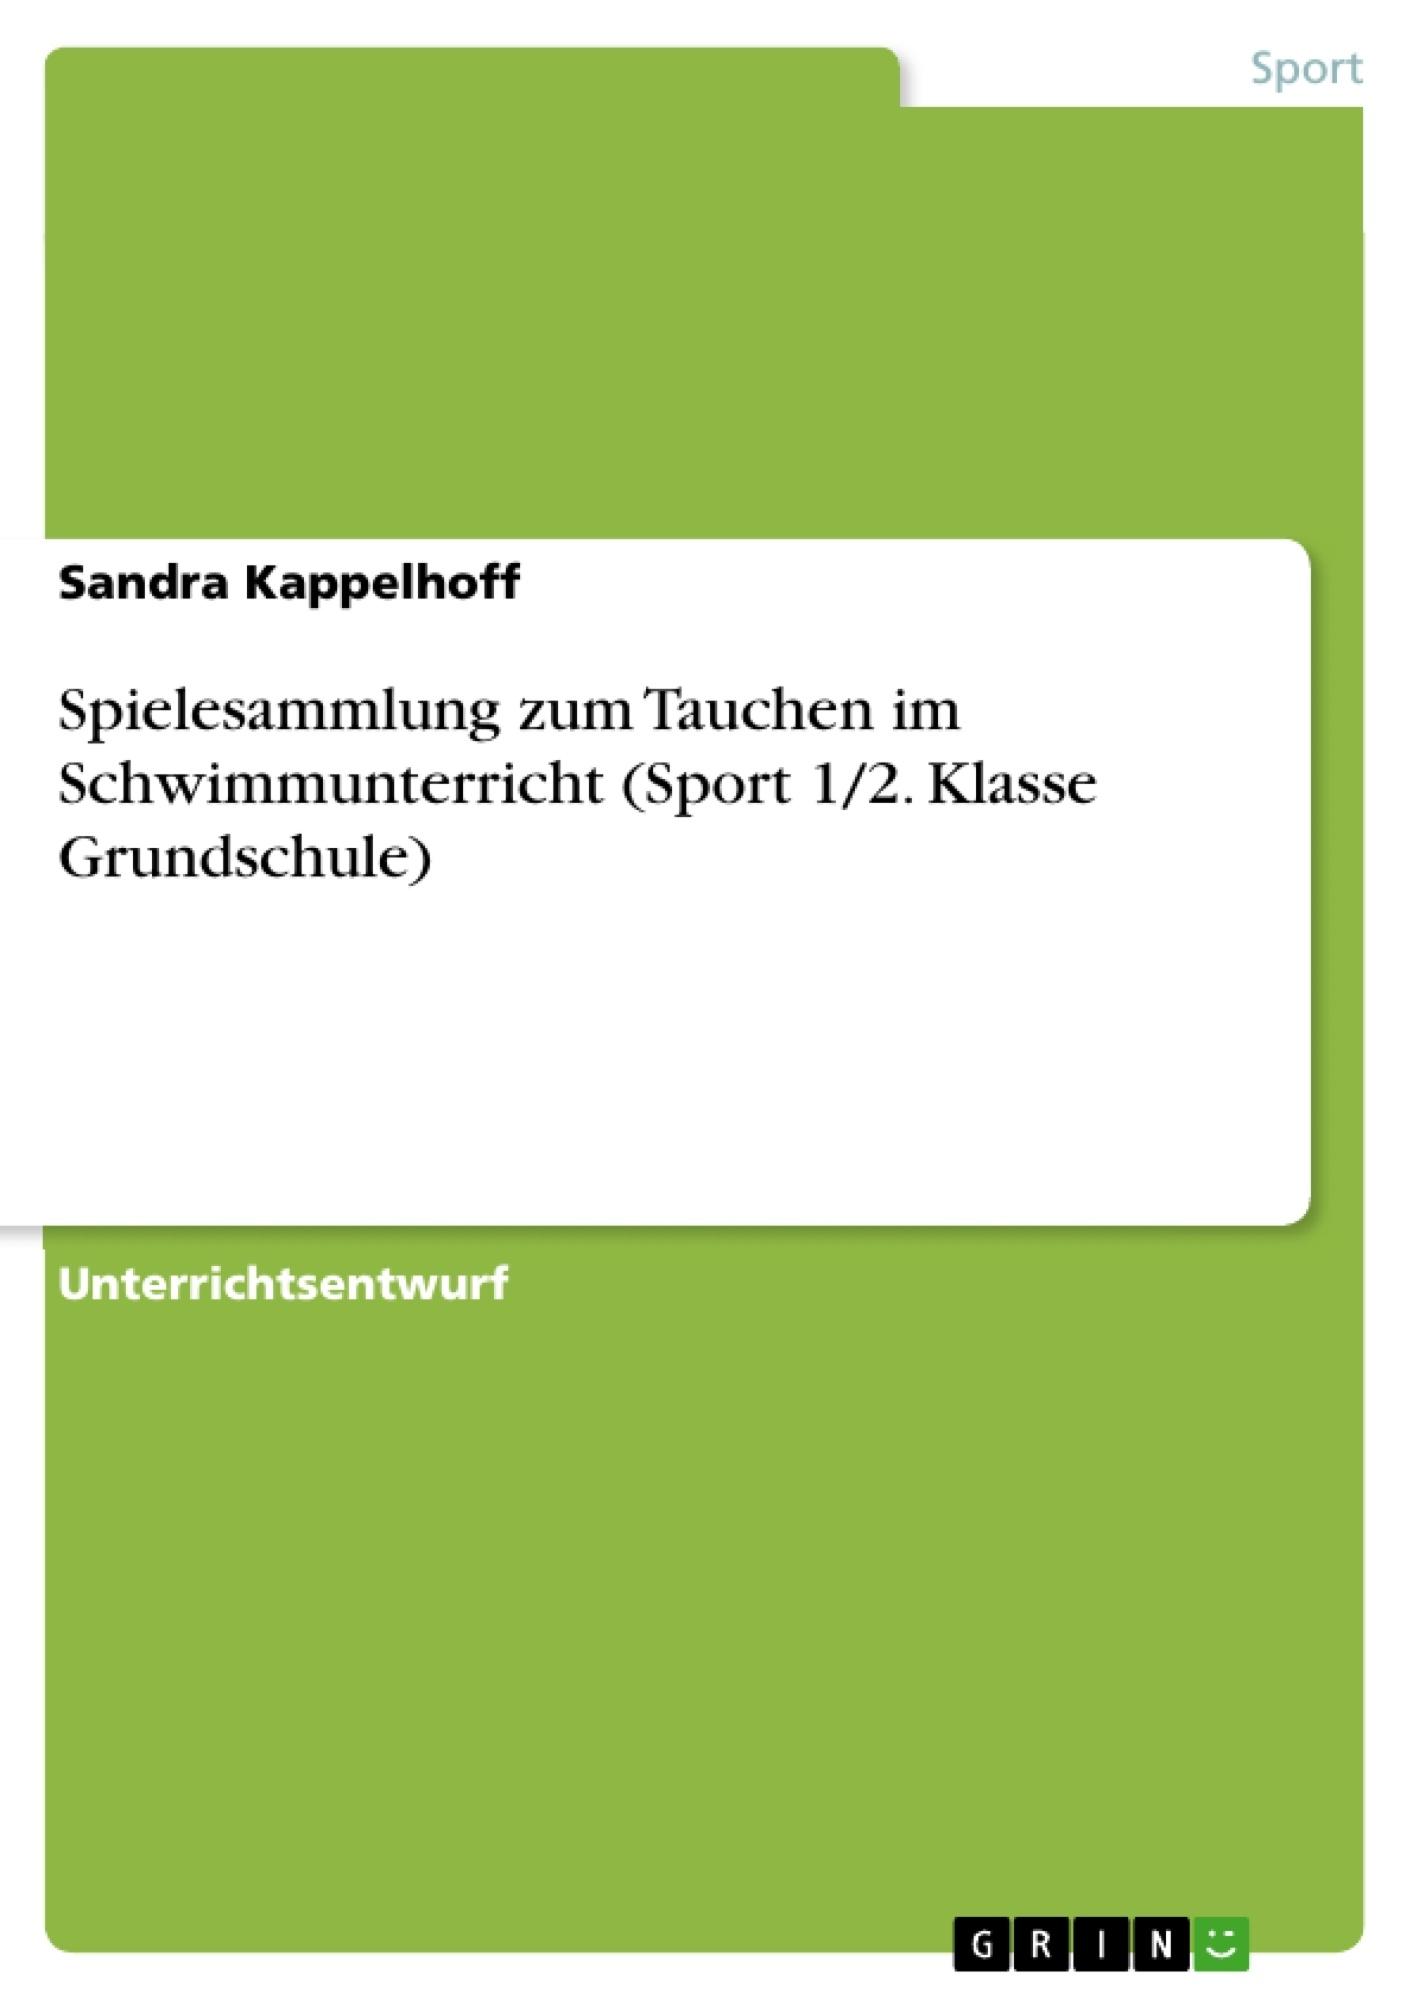 Titel: Spielesammlung zum Tauchen im Schwimmunterricht (Sport 1/2. Klasse Grundschule)